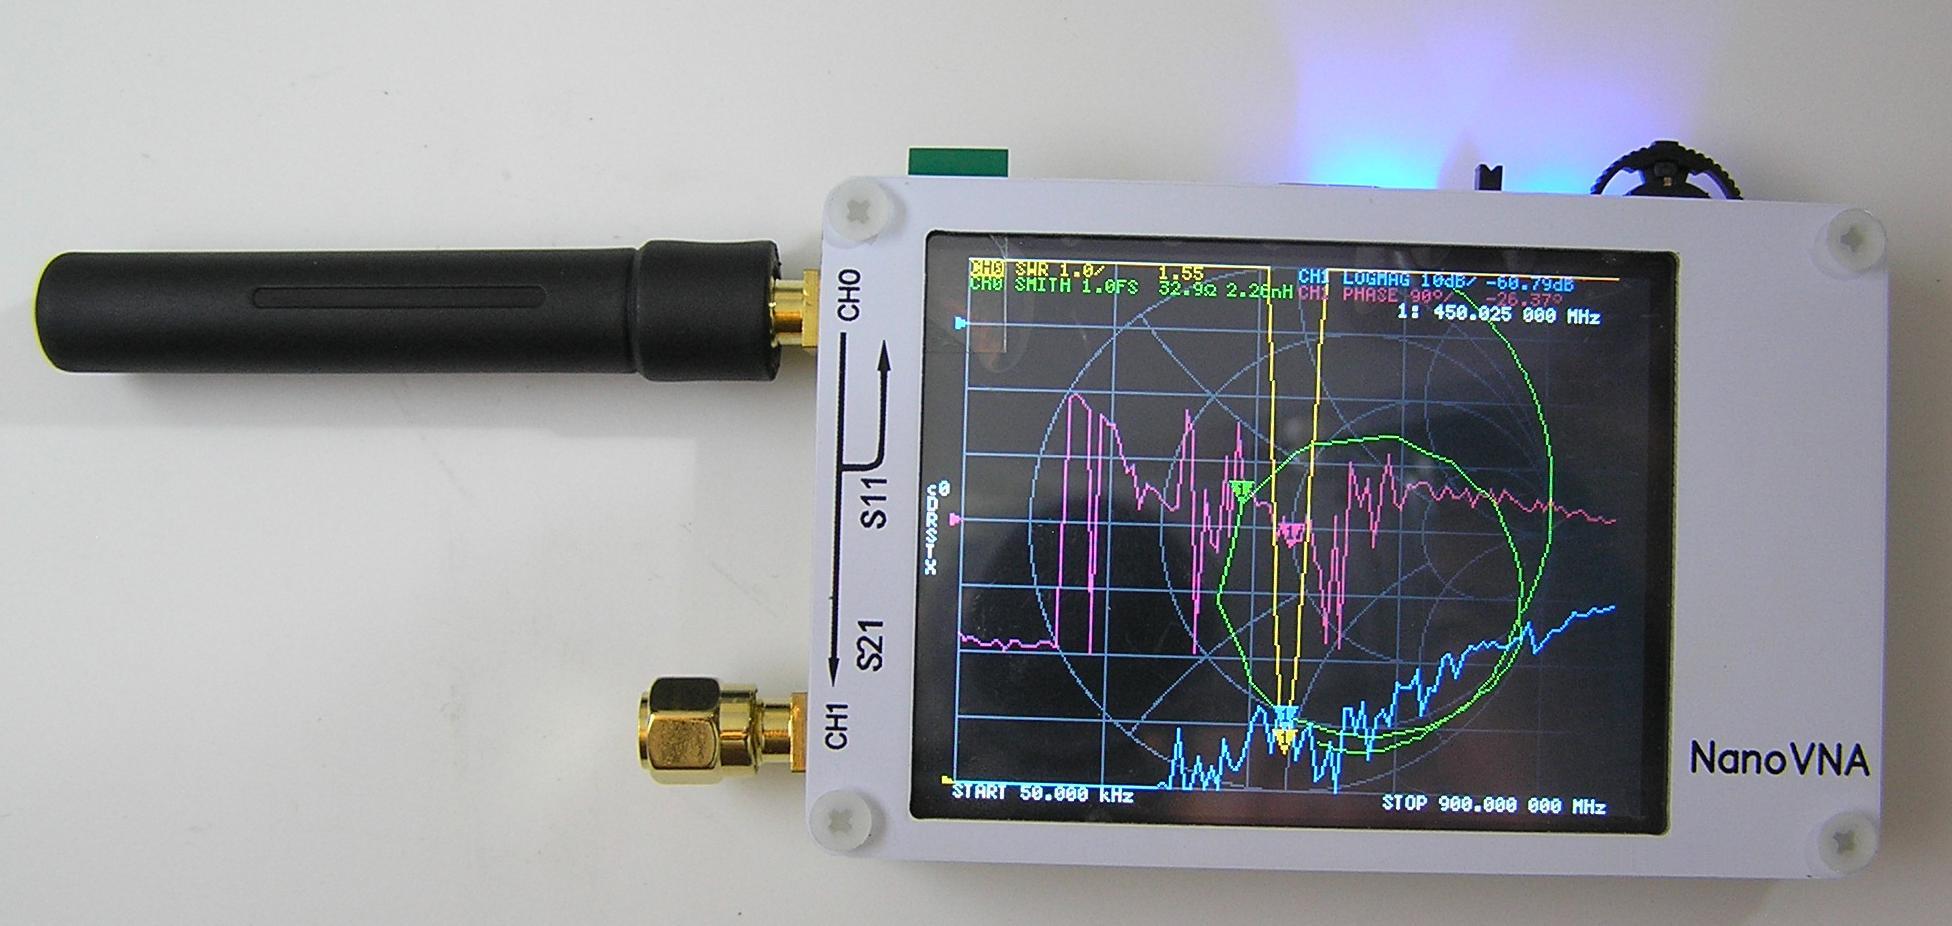 Измерение характеристики случайной антенны диапазона 433 МГц. Реальная частота резонанса 450 МГц, КСВ(SWR) 1.55 (жёлтый канал). Остальные каналы (фиолетовый, синий и зелёный) в этом измерении не участвуют и могут быть отключены через меню прибора.